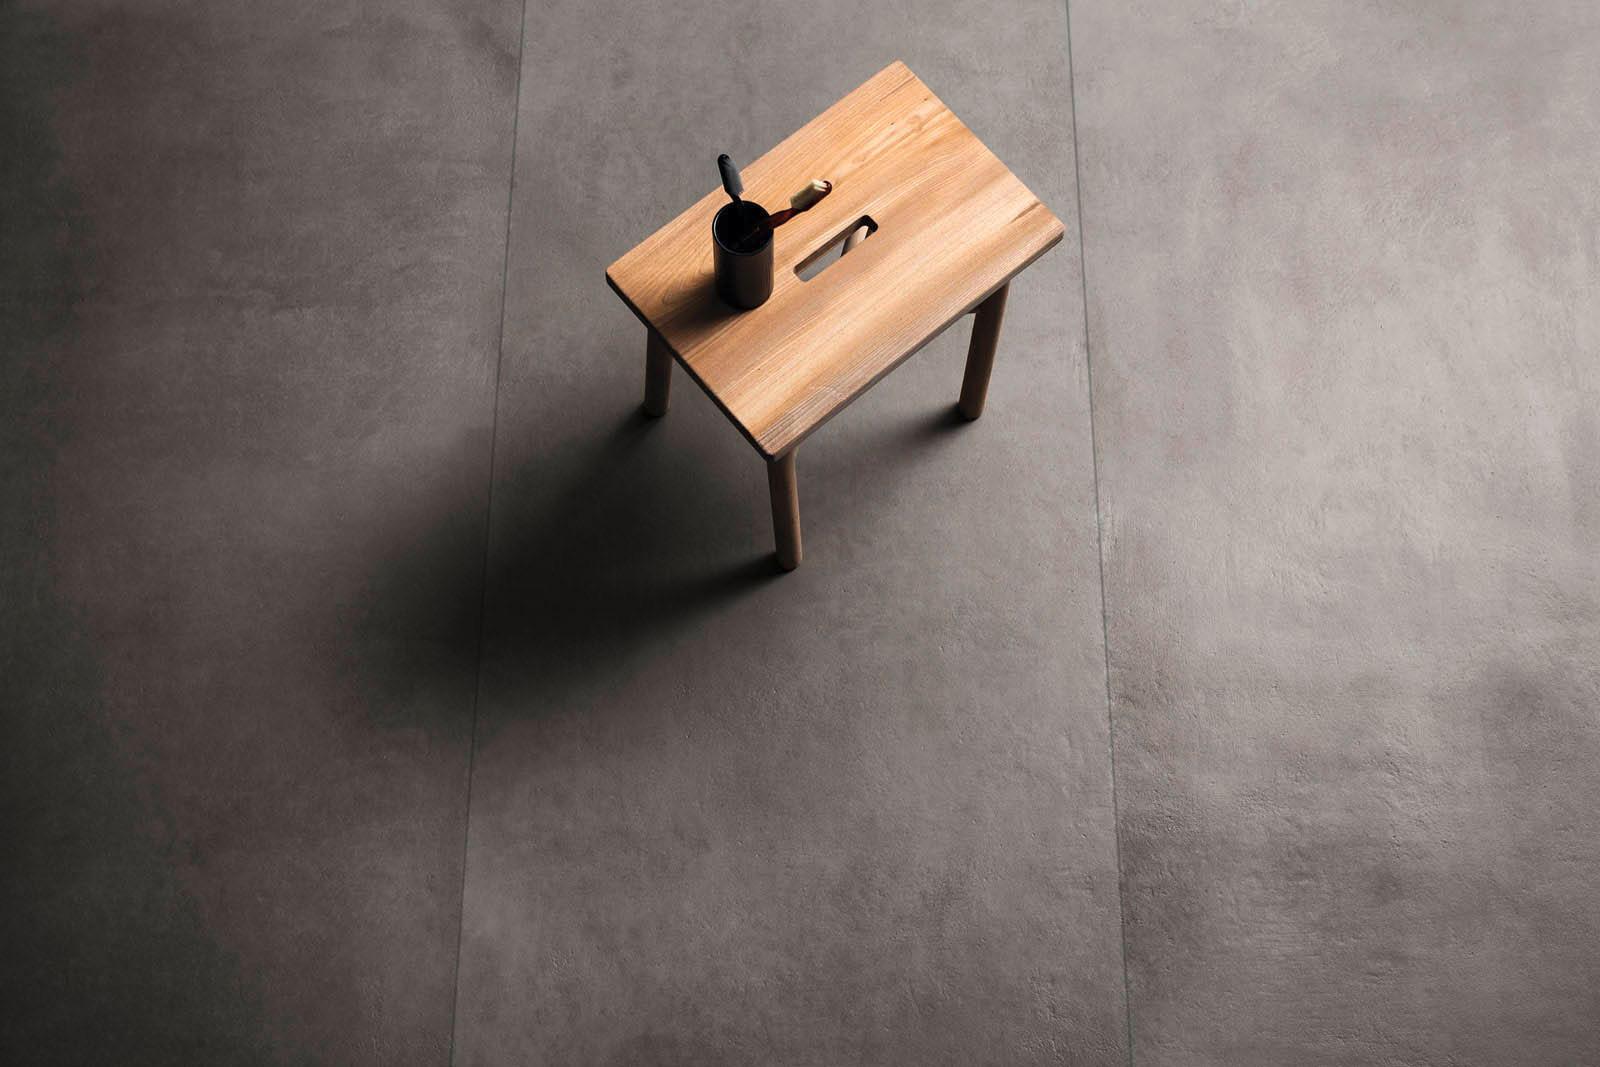 fliesen im fischgr tmuster fliesen und platten news. Black Bedroom Furniture Sets. Home Design Ideas